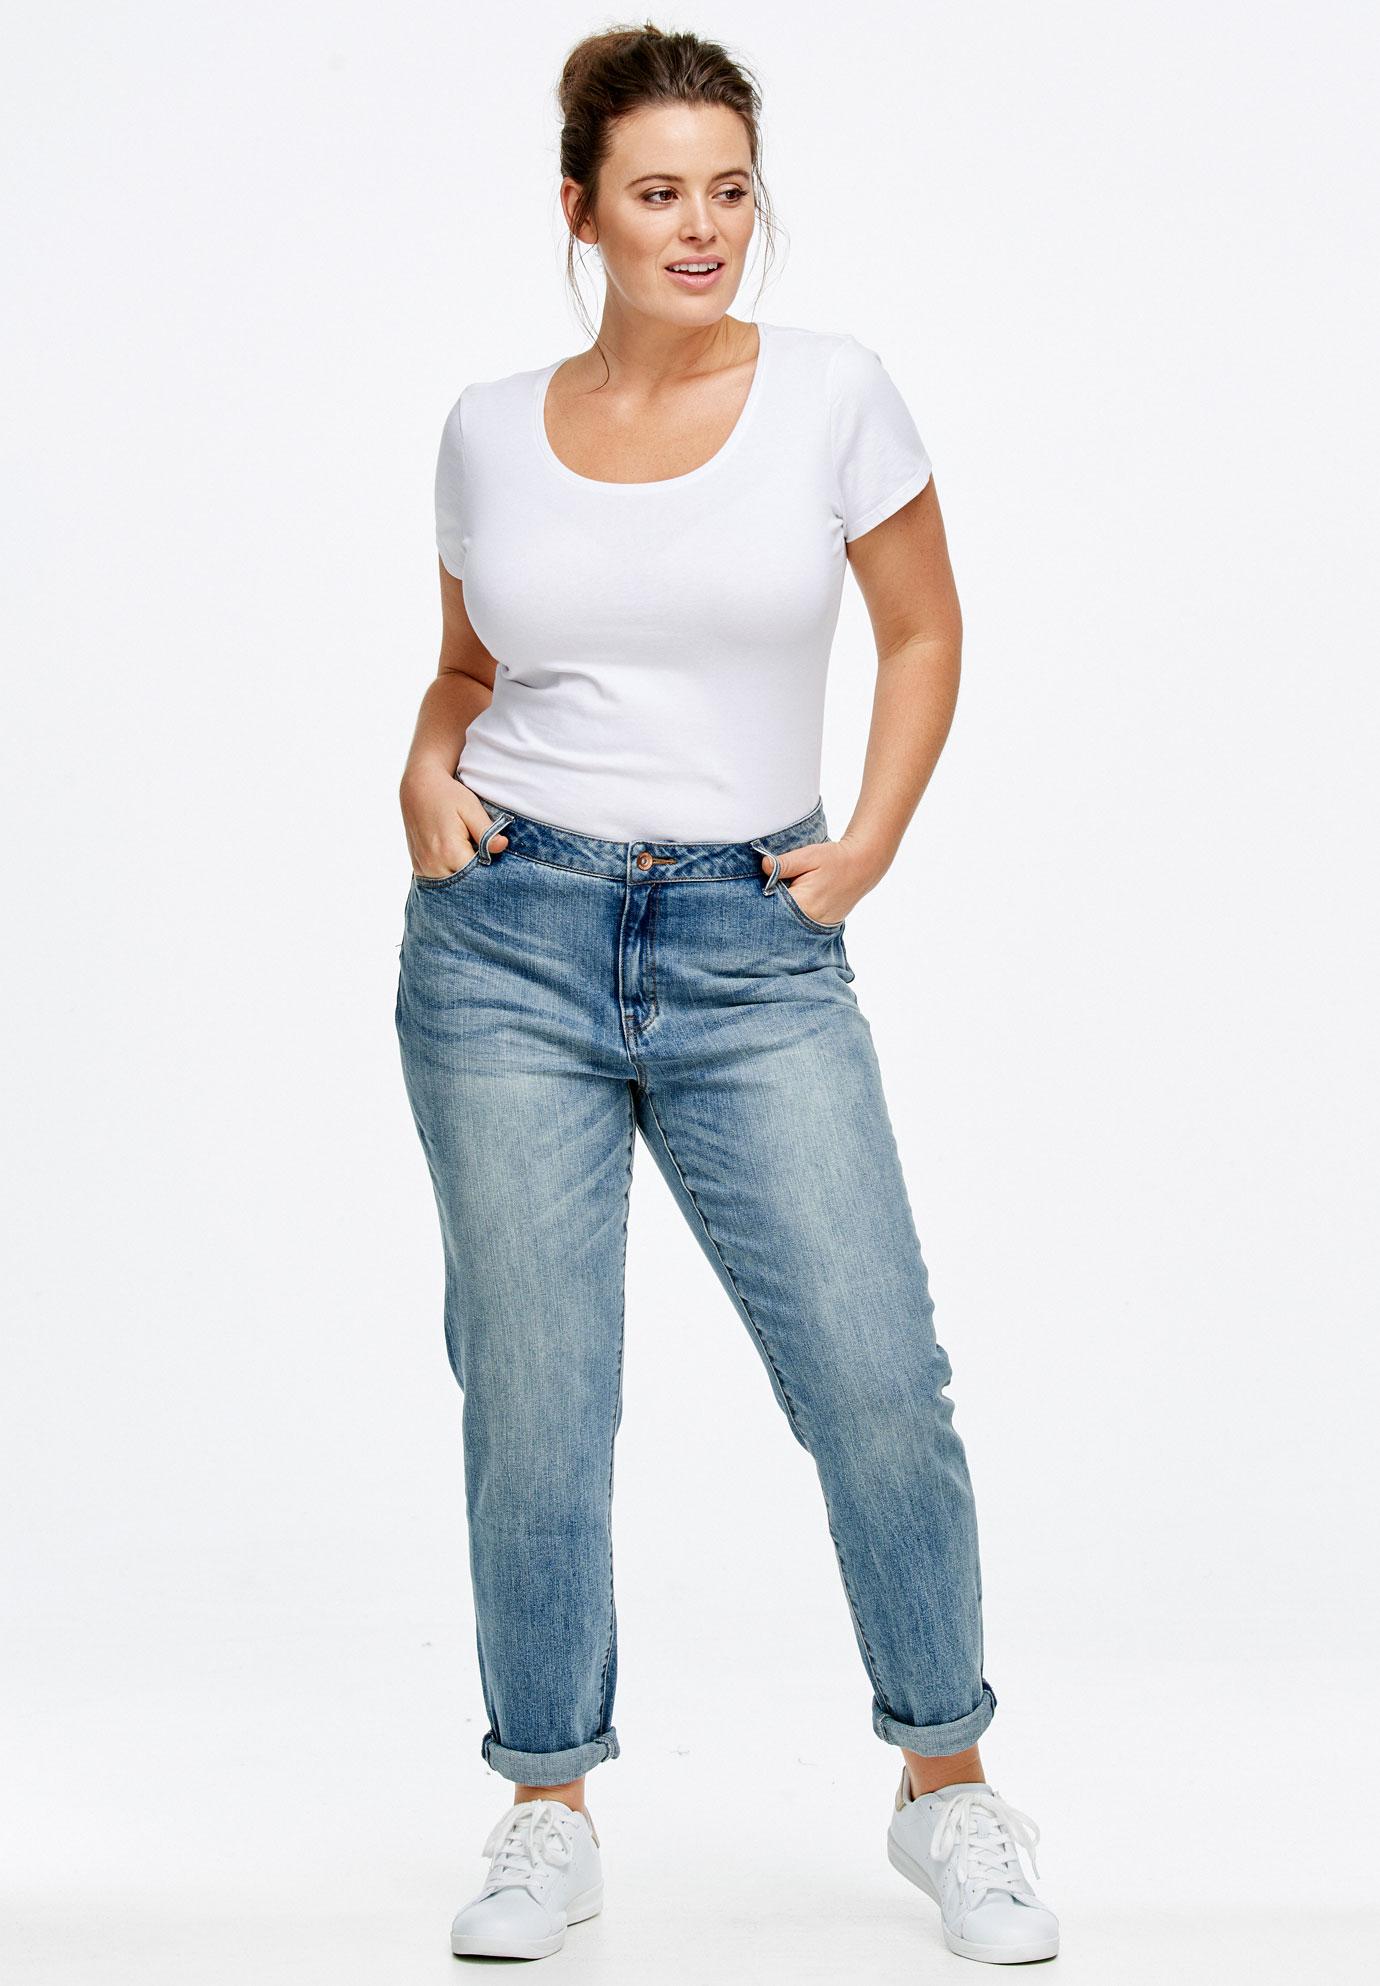 Released Cuff Boyfriend Jeans - Boyfriend Mom Jeans